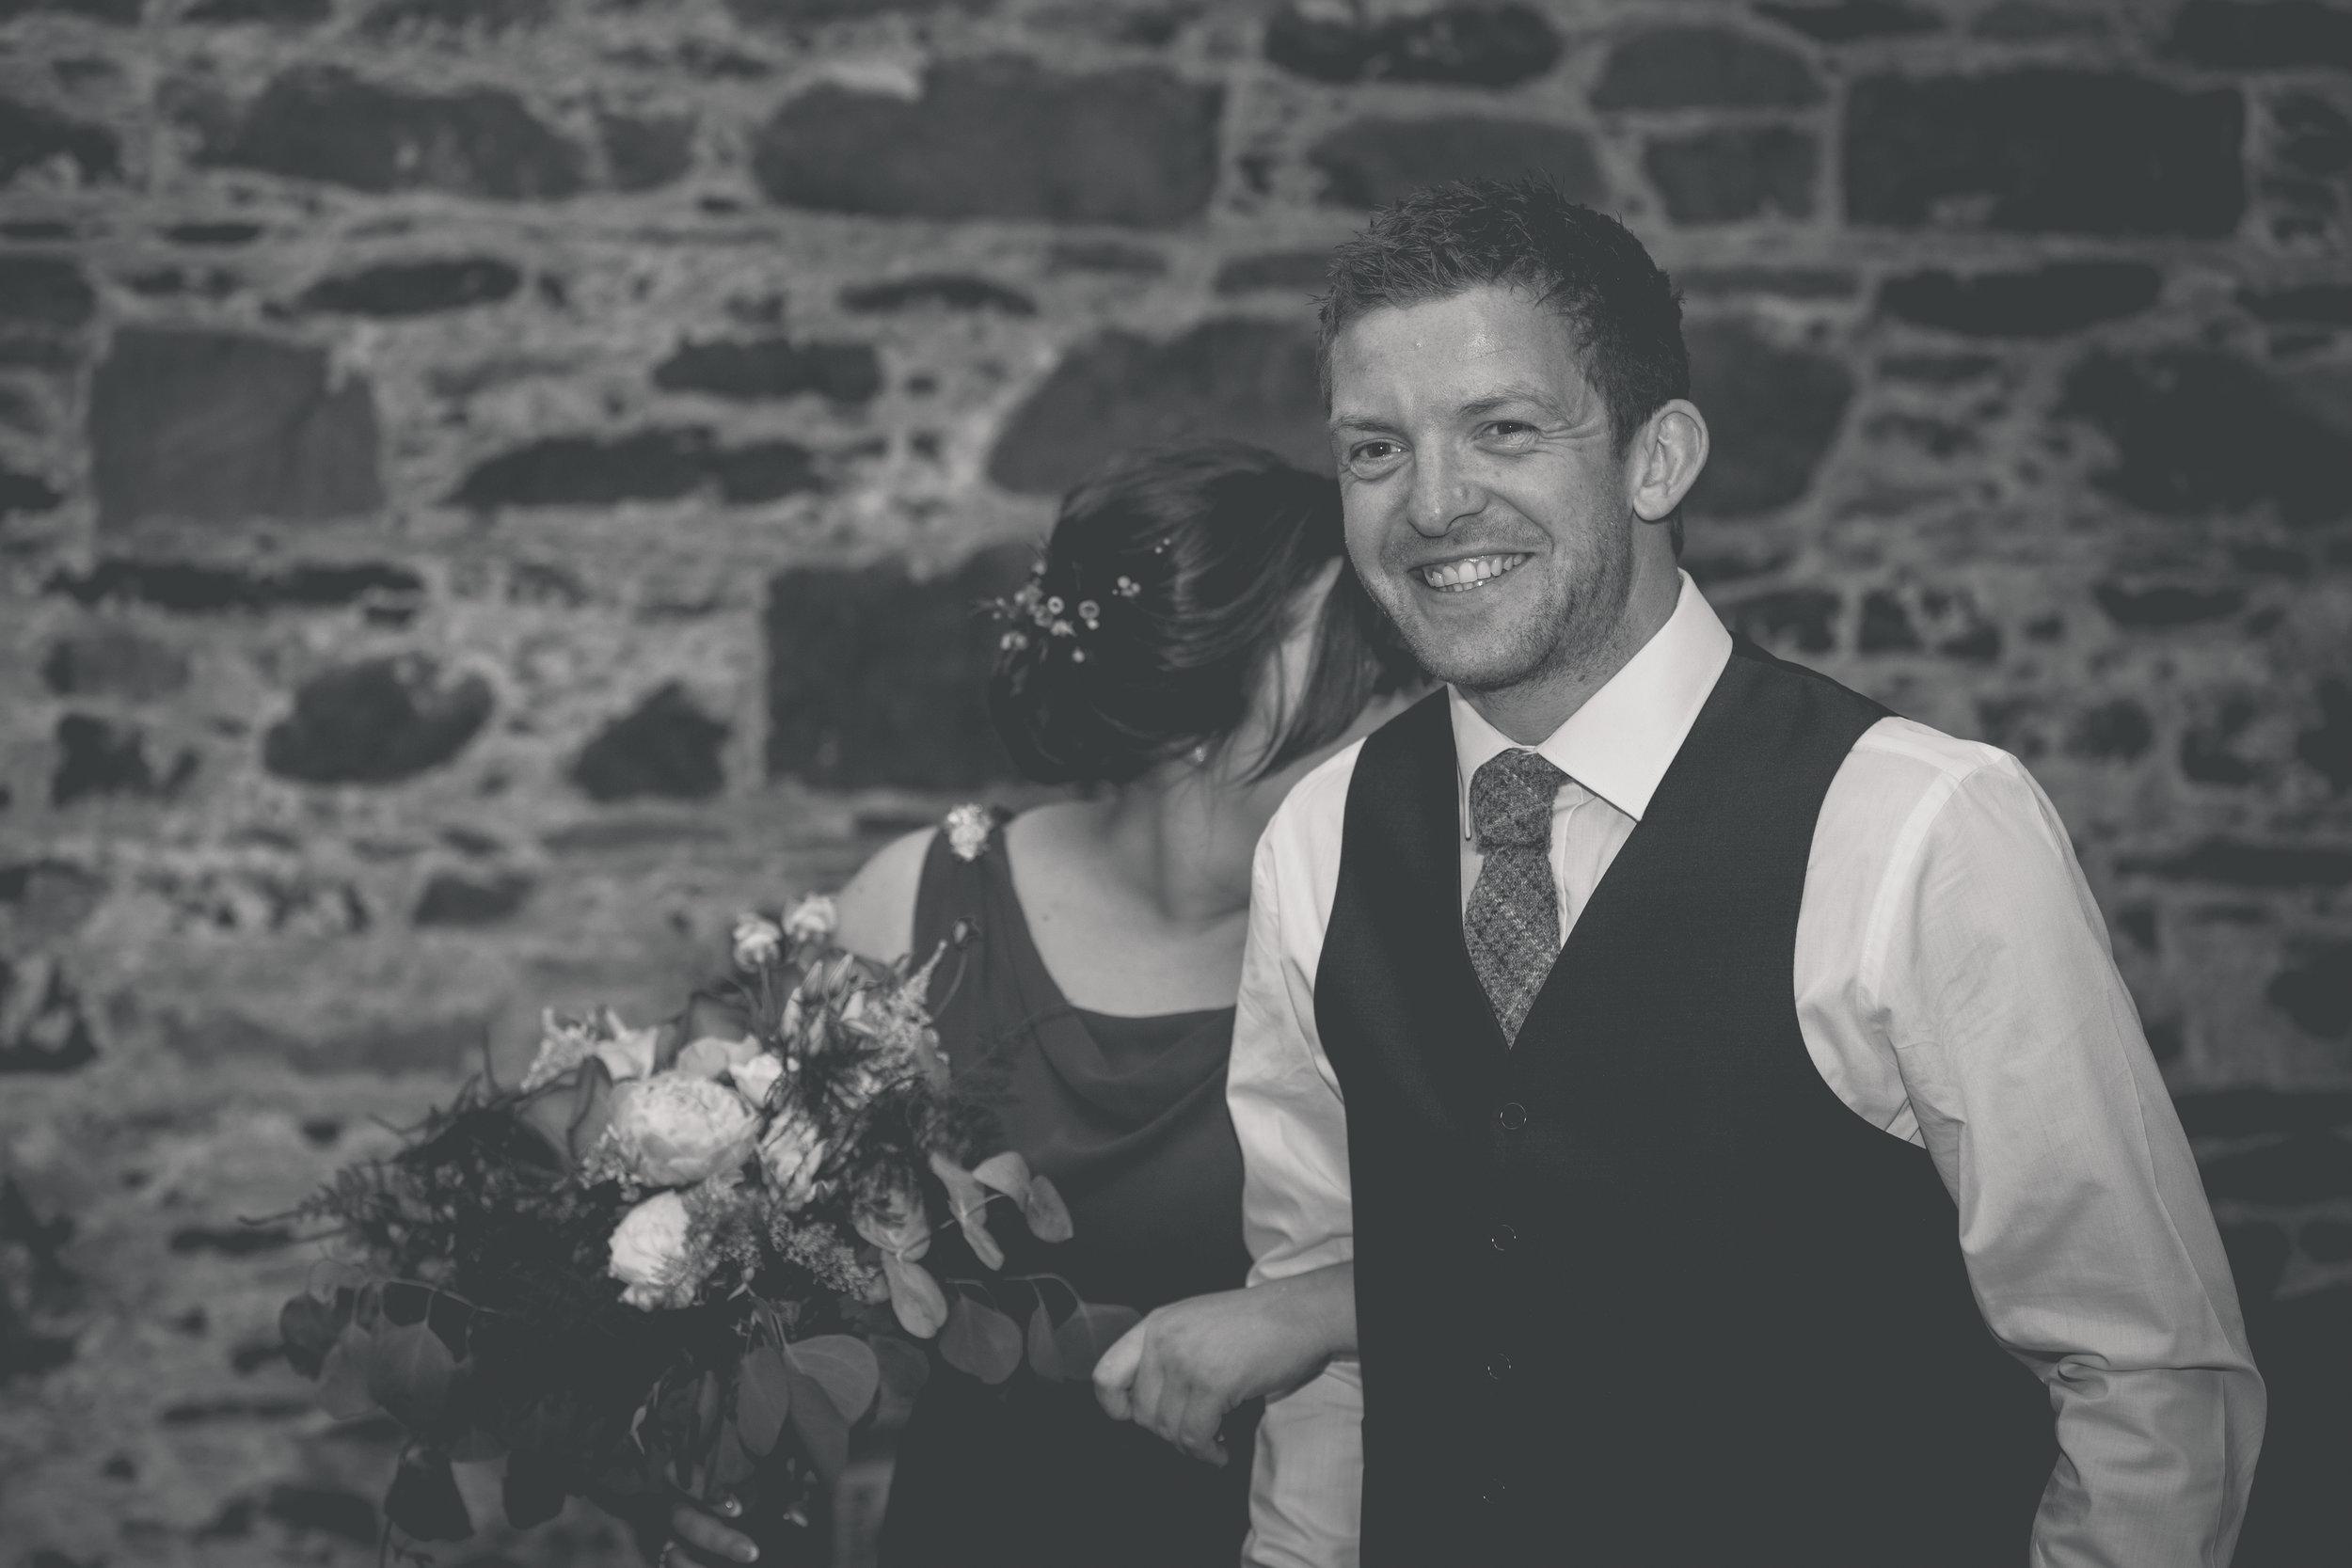 Brian McEwan Wedding Photography | Carol-Anne & Sean | The Speeches-49.jpg